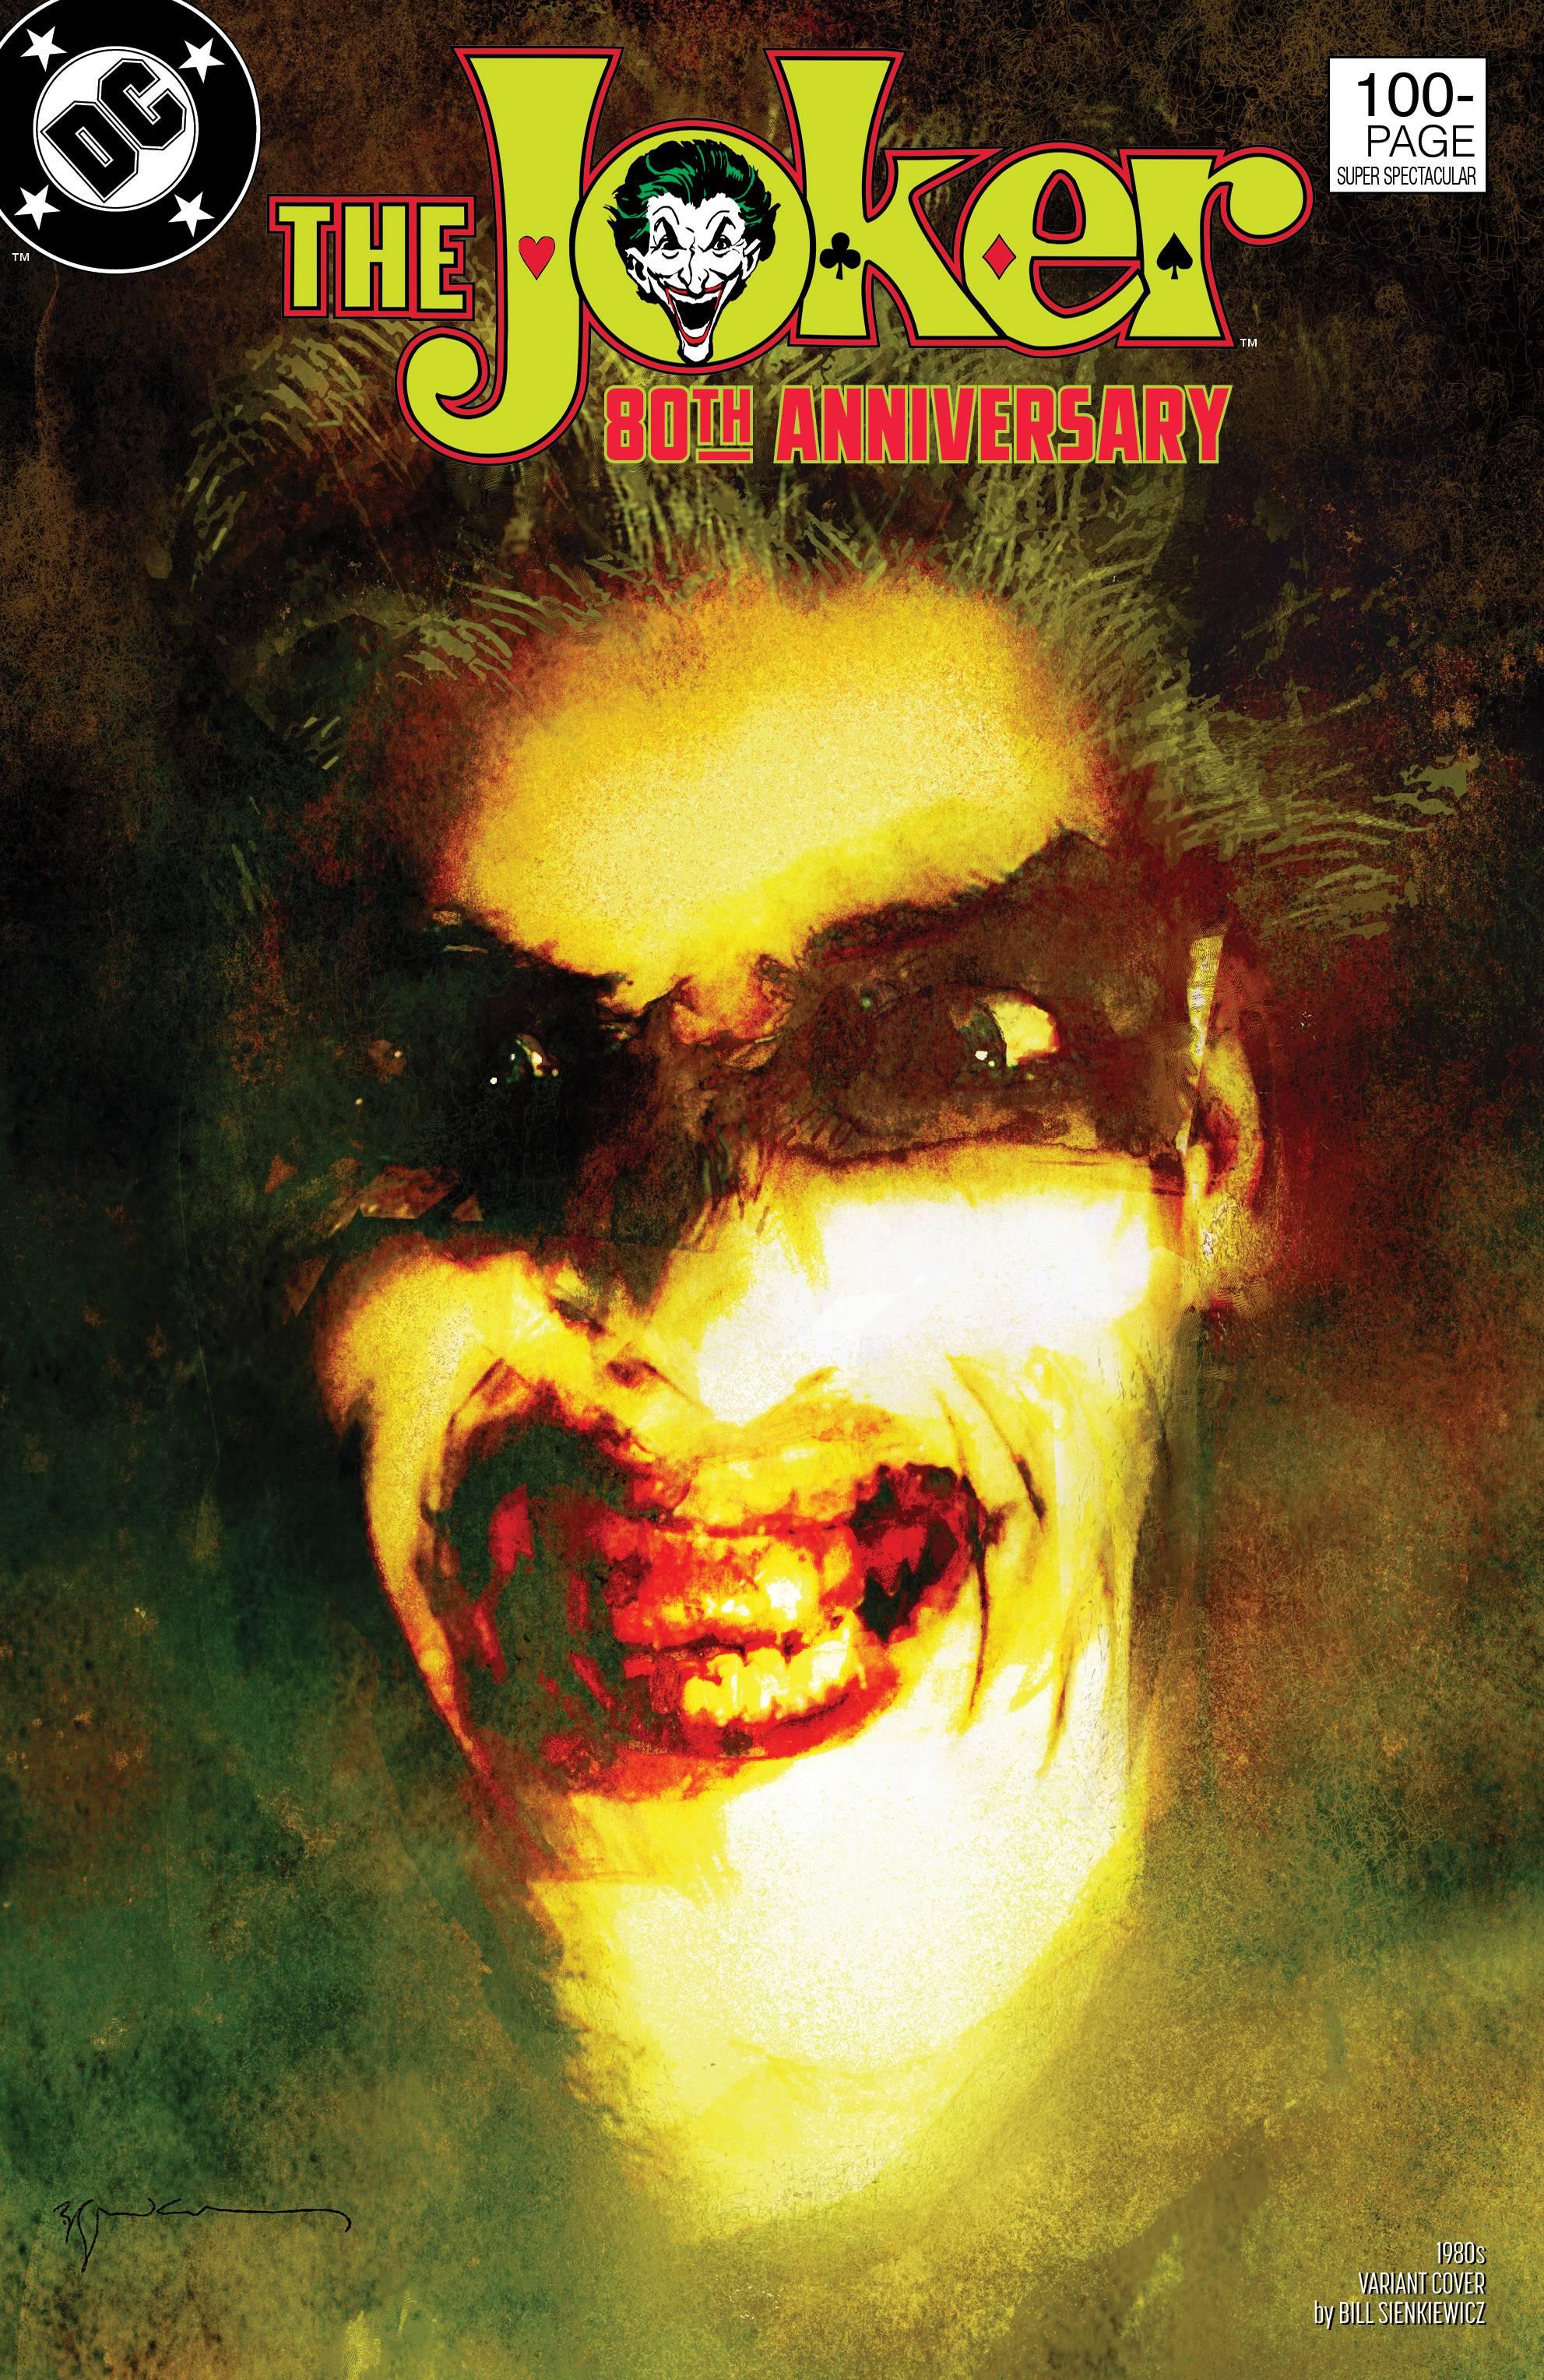 Joker 80th Anniv 100 Page Super Spect #1 1980s Seinkiewicz Cover